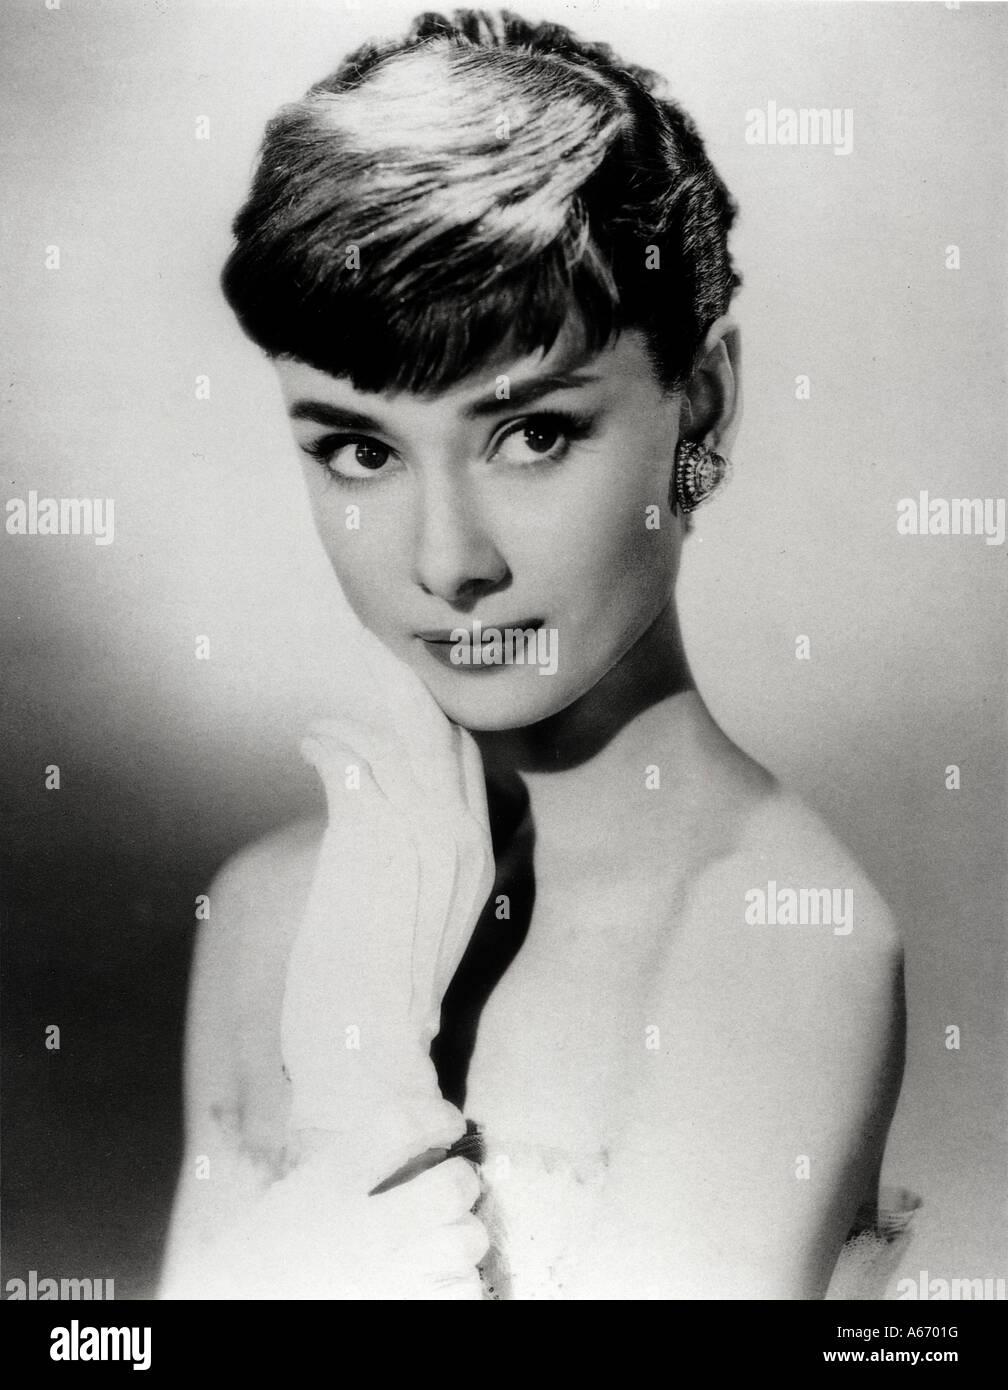 AUDREY HEPBURN -  film actress about 1954 - Stock Image